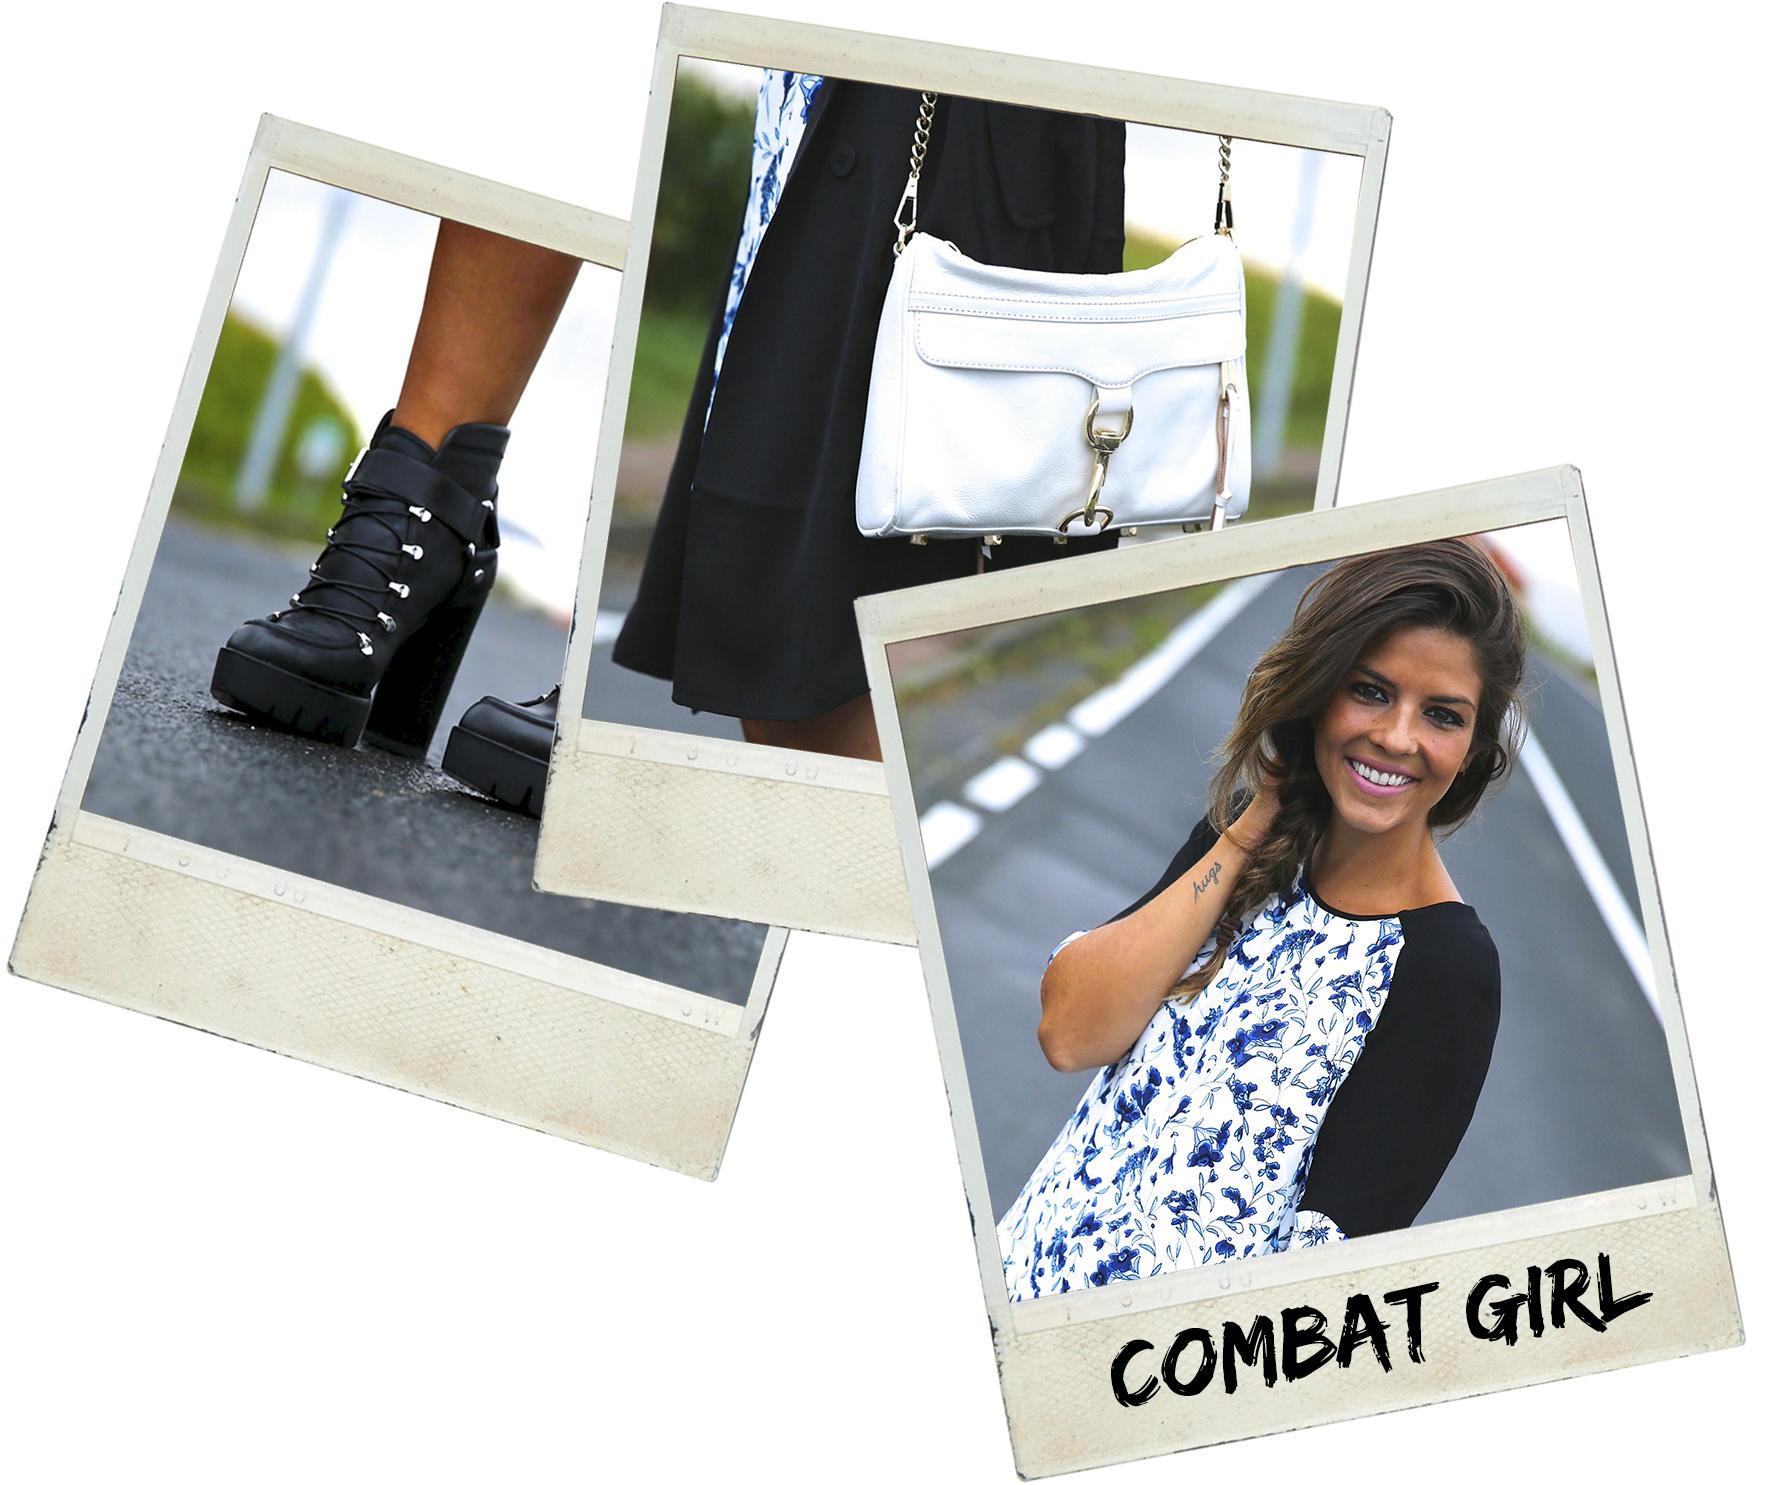 trendy_taste-look-outfit-street_style-ootd-blog-blogger-fashion_spain-moda_españa-combat_boots-botas_rock-parka-kimono-bolso_blanco-white_bag-galicia-vestido_flores-flower_print-dress-polaroid